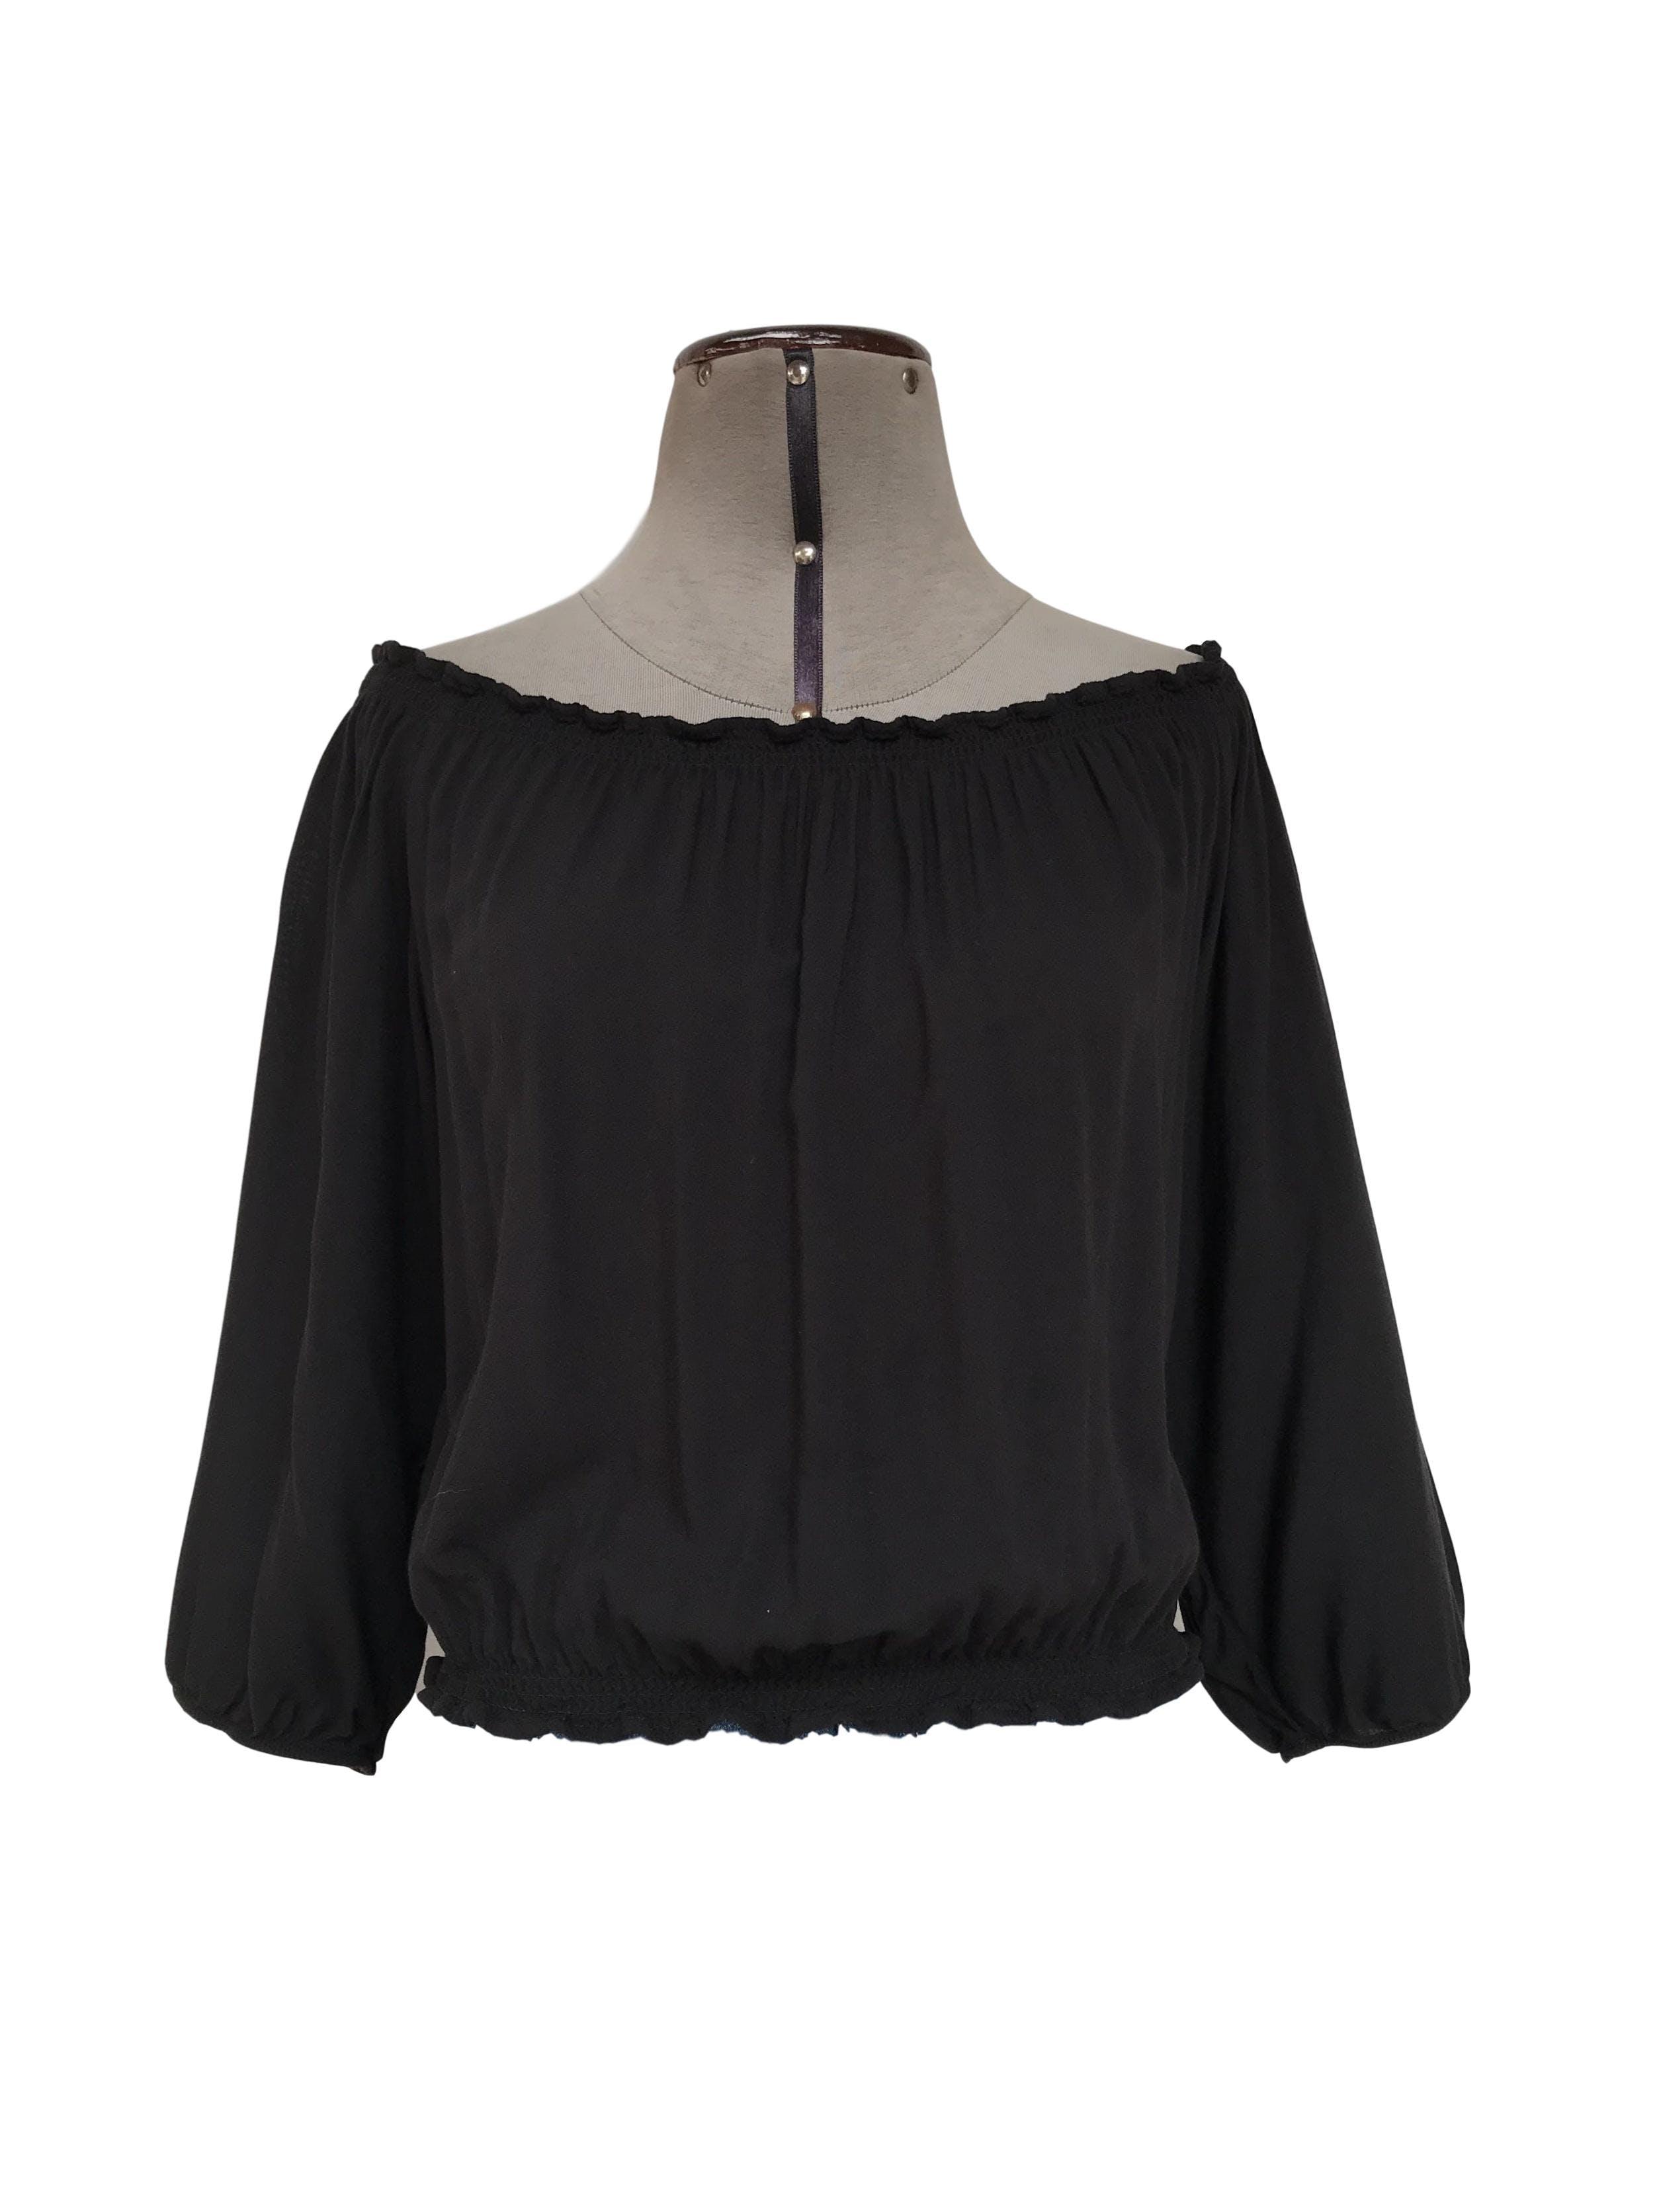 Blusa Kidsmadehere negra, off shoulder, elástico en basta y puños. Precio original S/120 Talla M